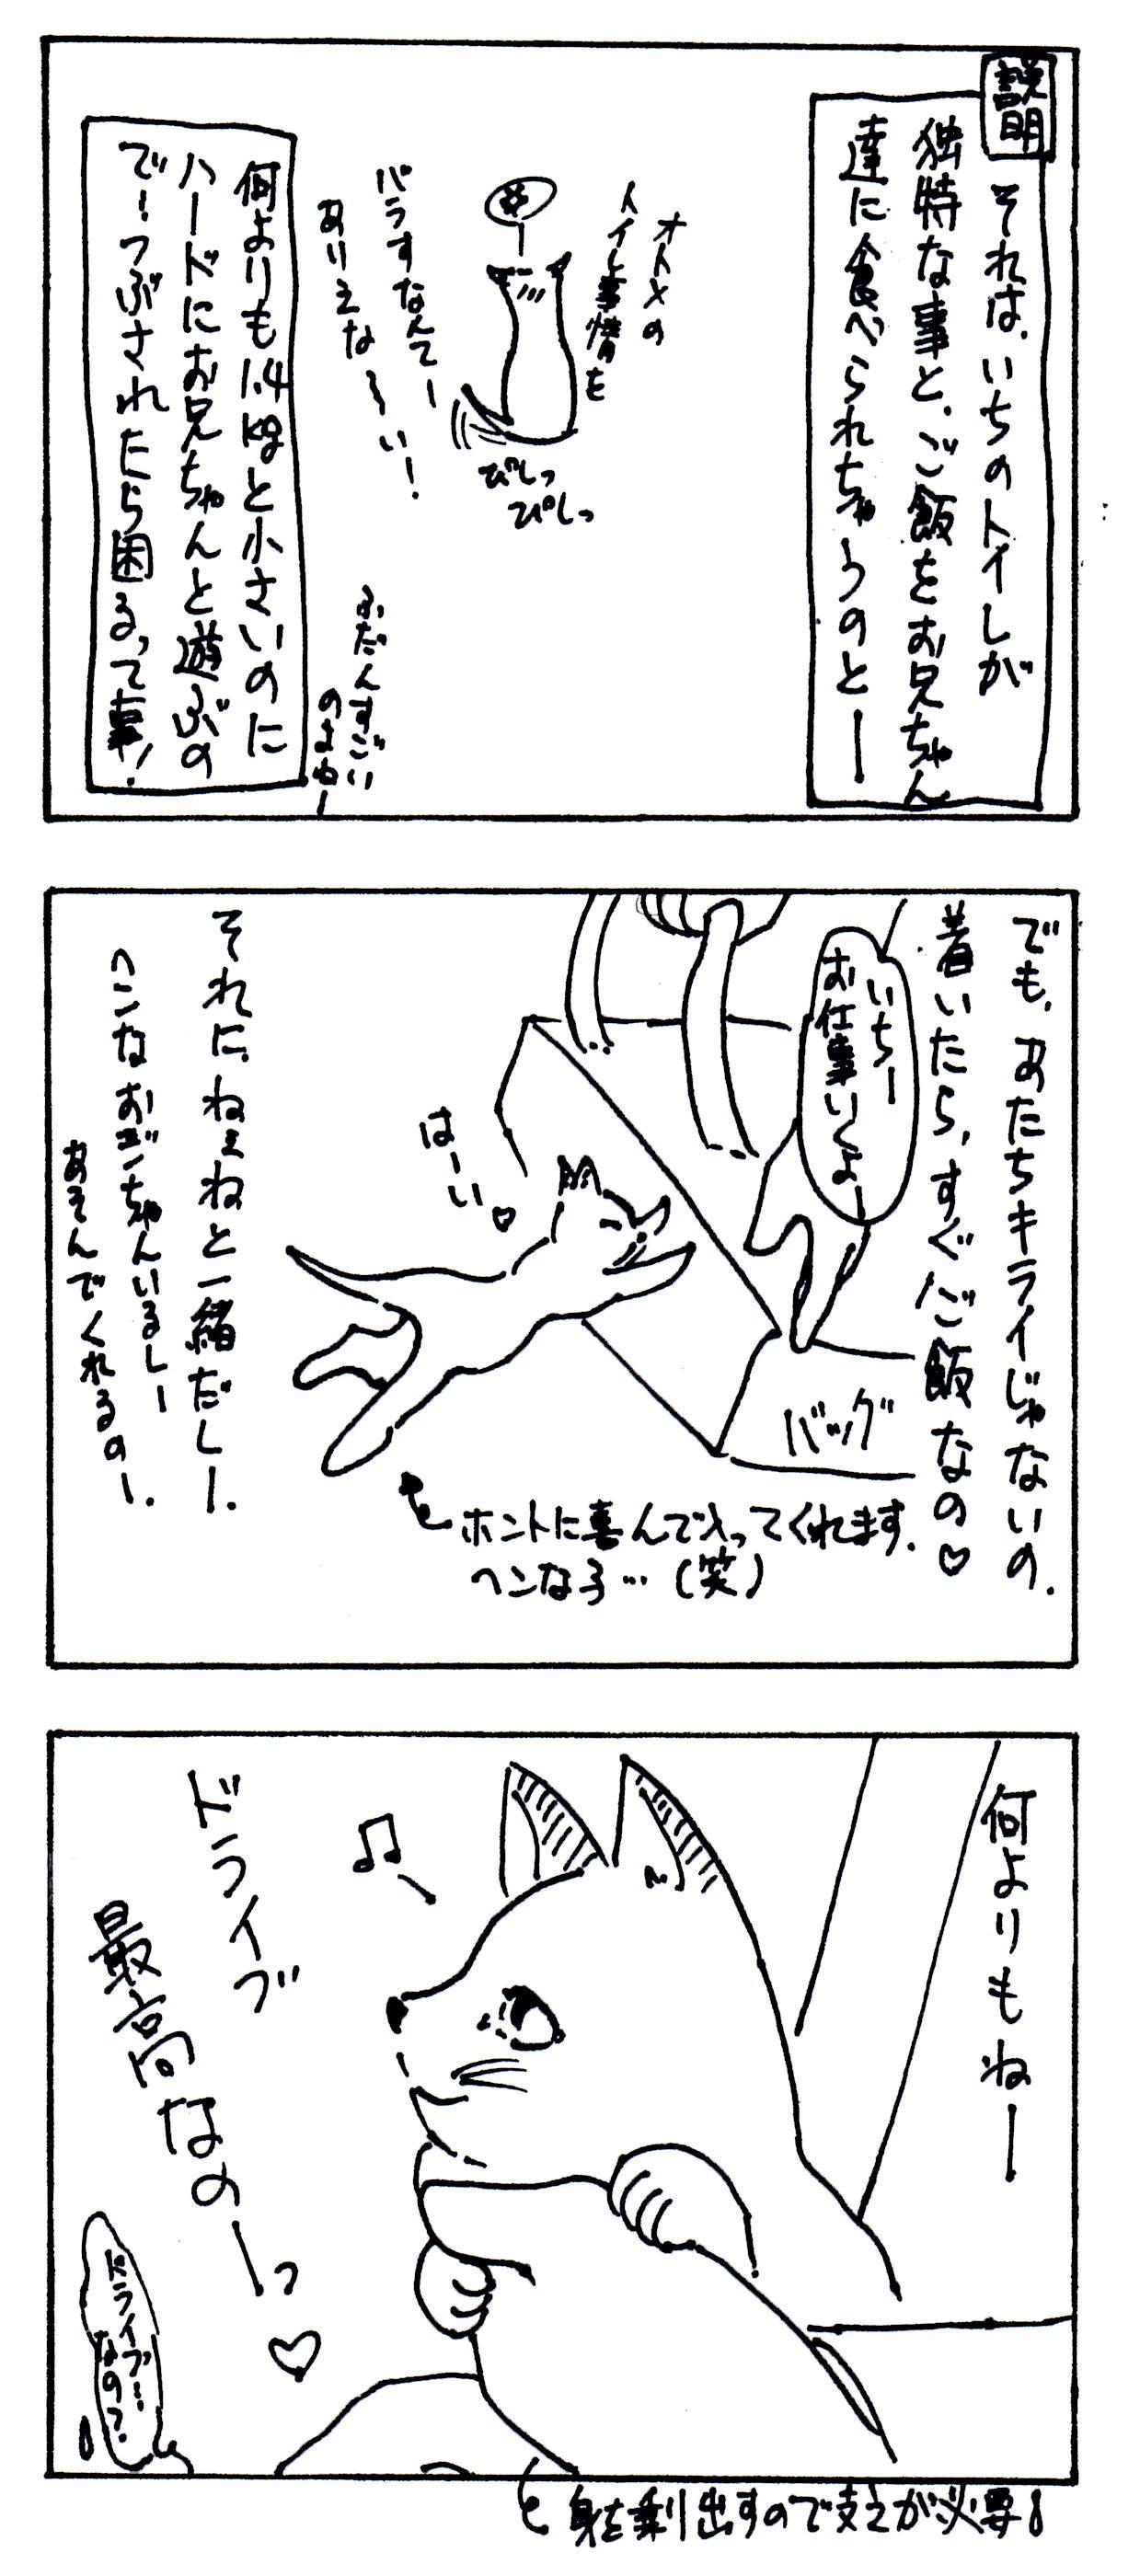 101024-3.jpg